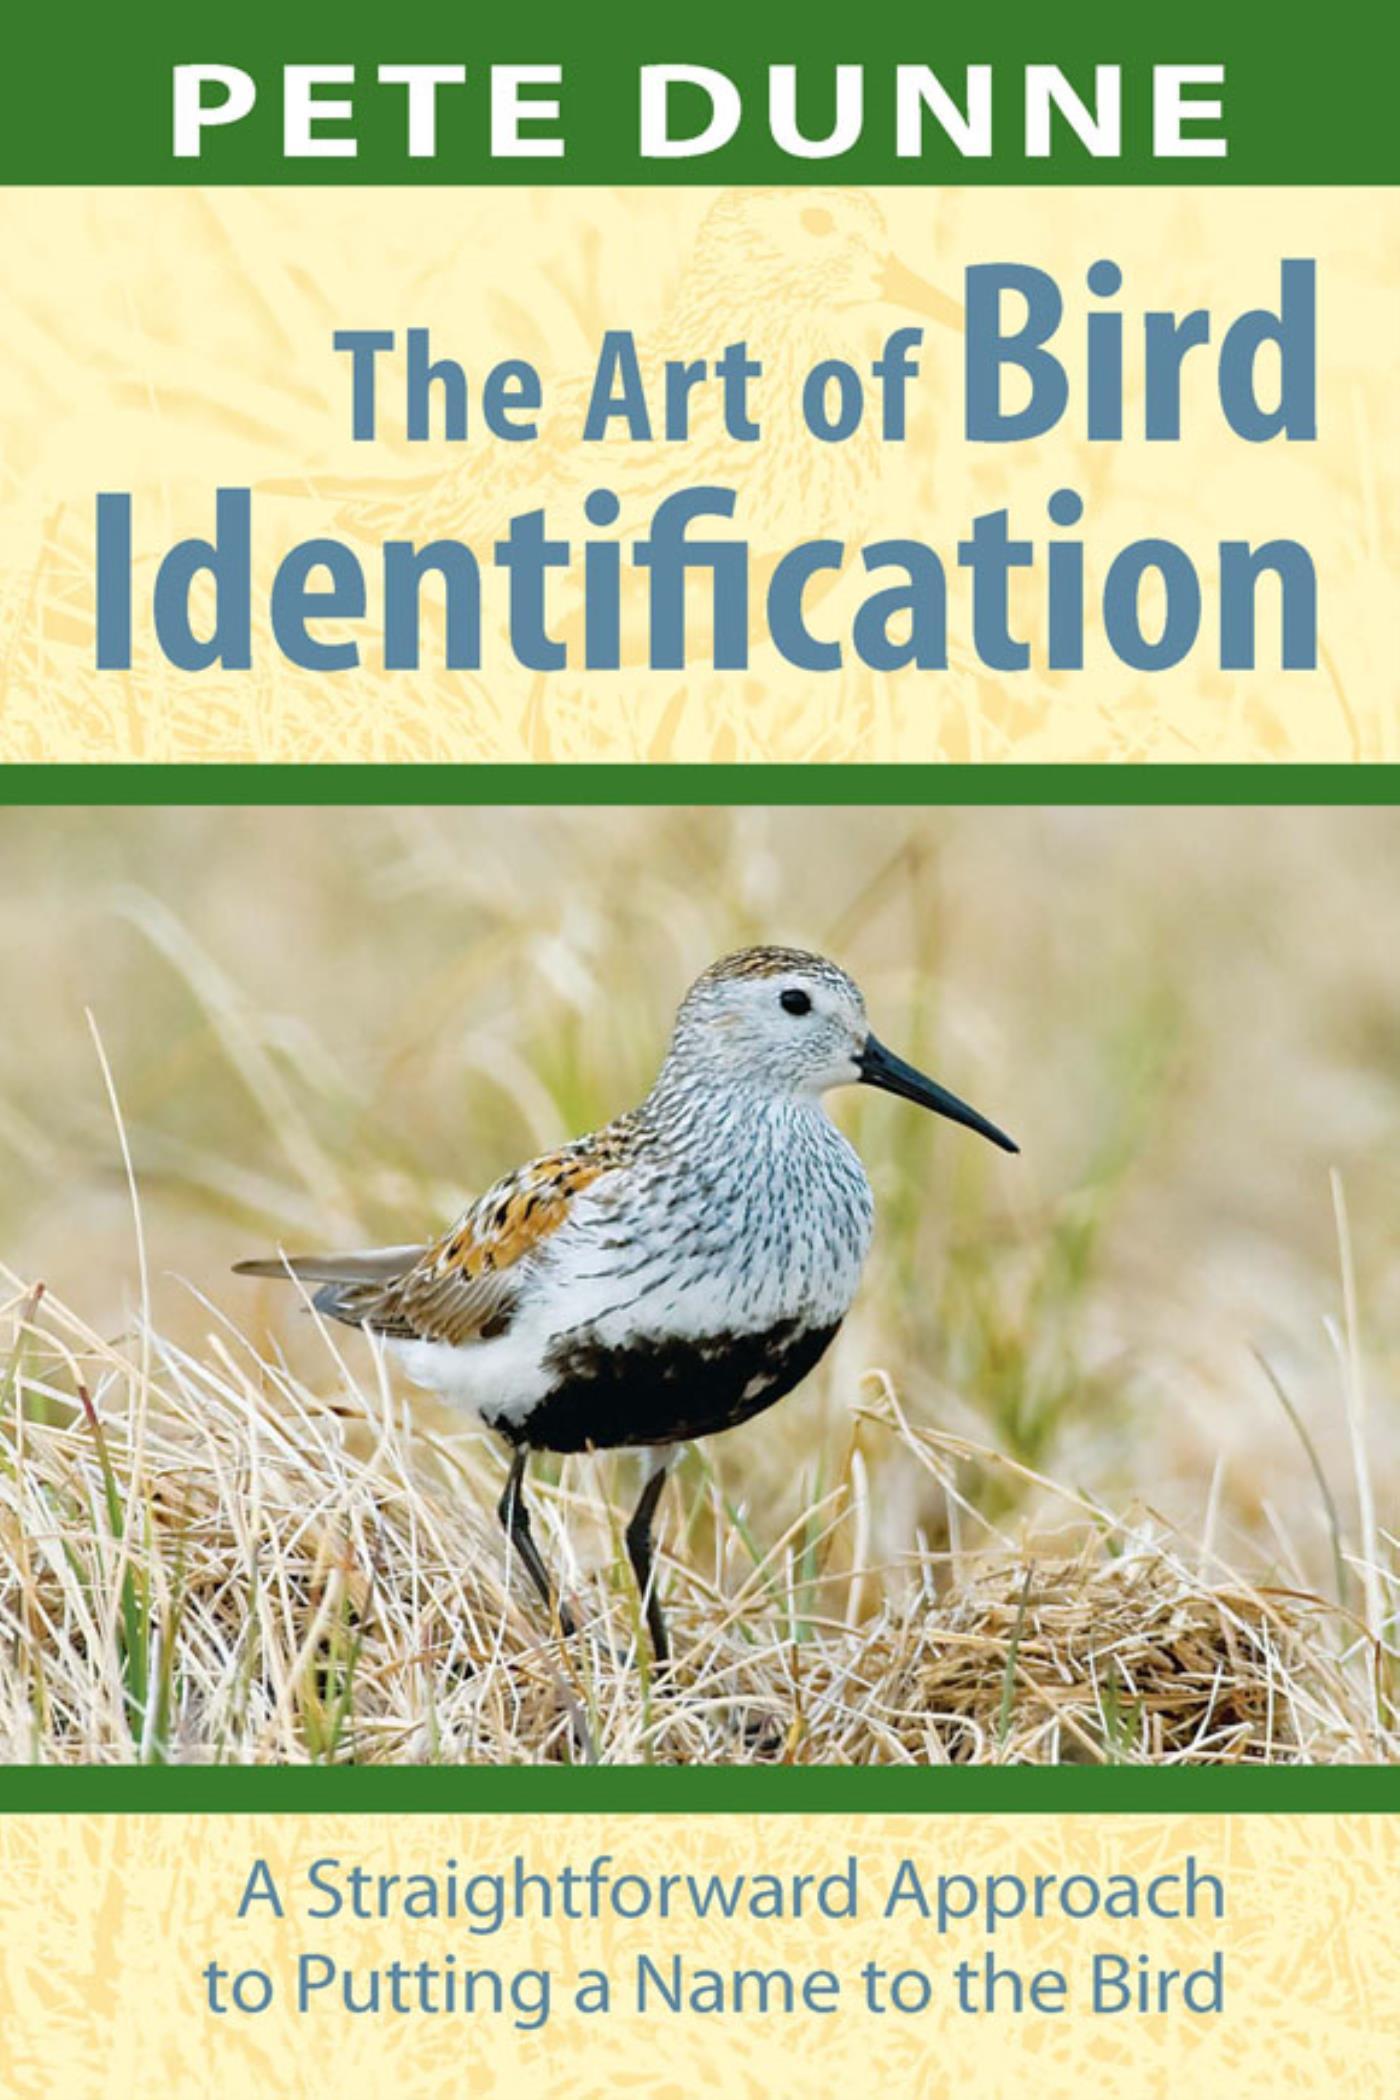 The Art of Bird Identification